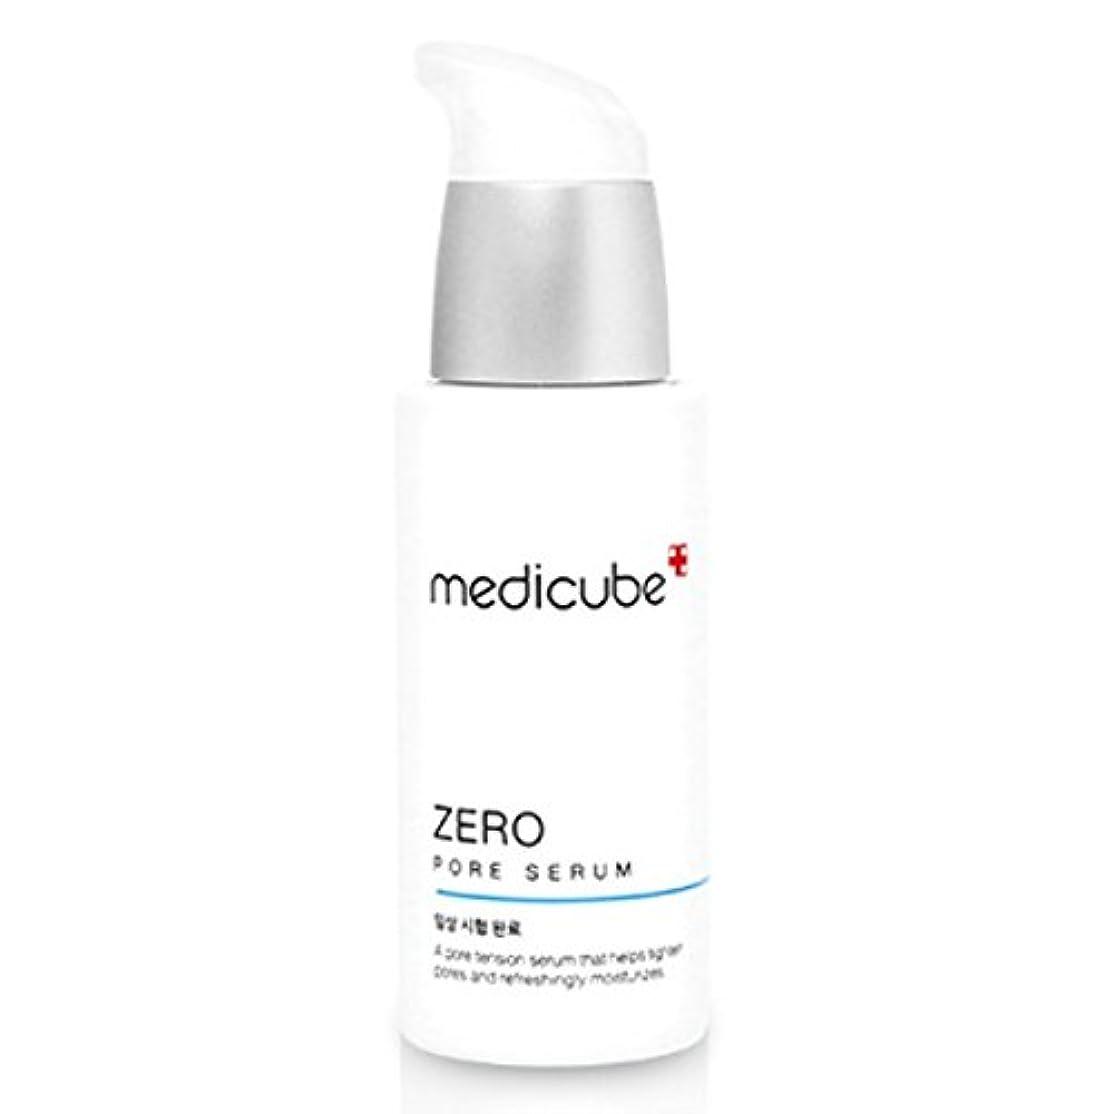 体アーサー調和のとれた[Medicube メディキューブ] ゼロポアセラム 27ml / Zero Pore Serum 27ml [並行輸入品]